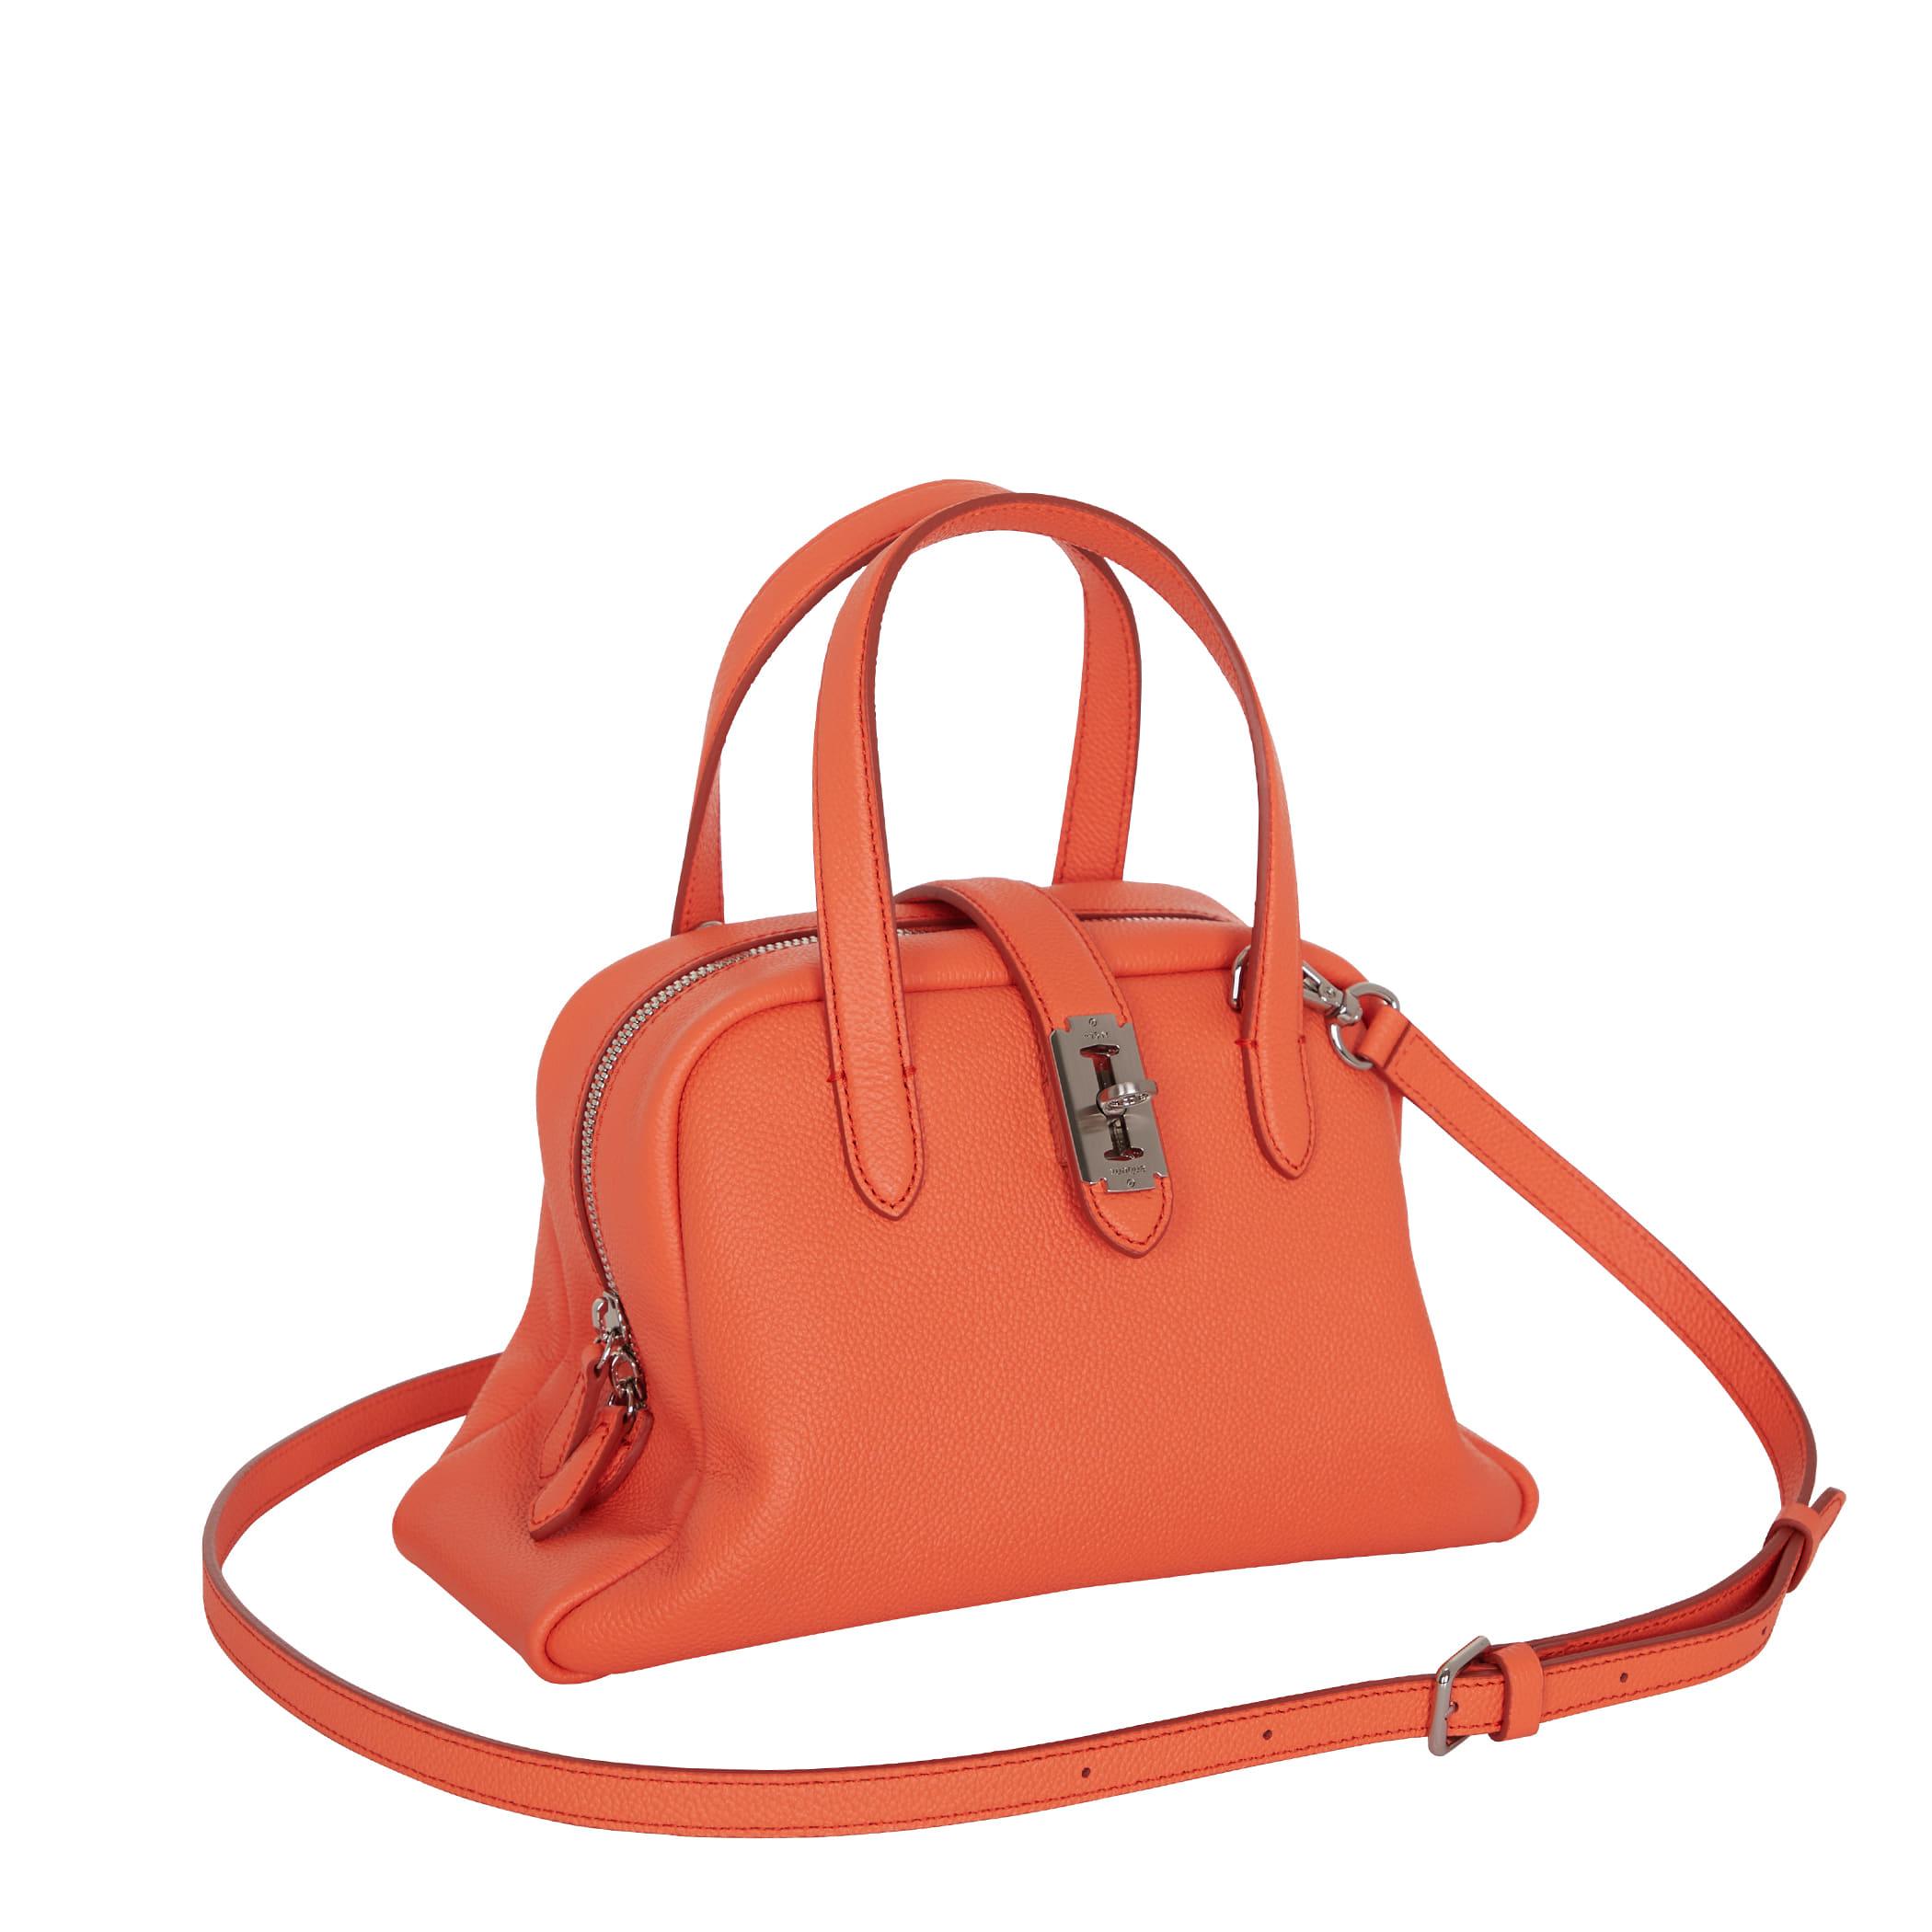 Toque tote S (토크 토트 스몰) Neon orange